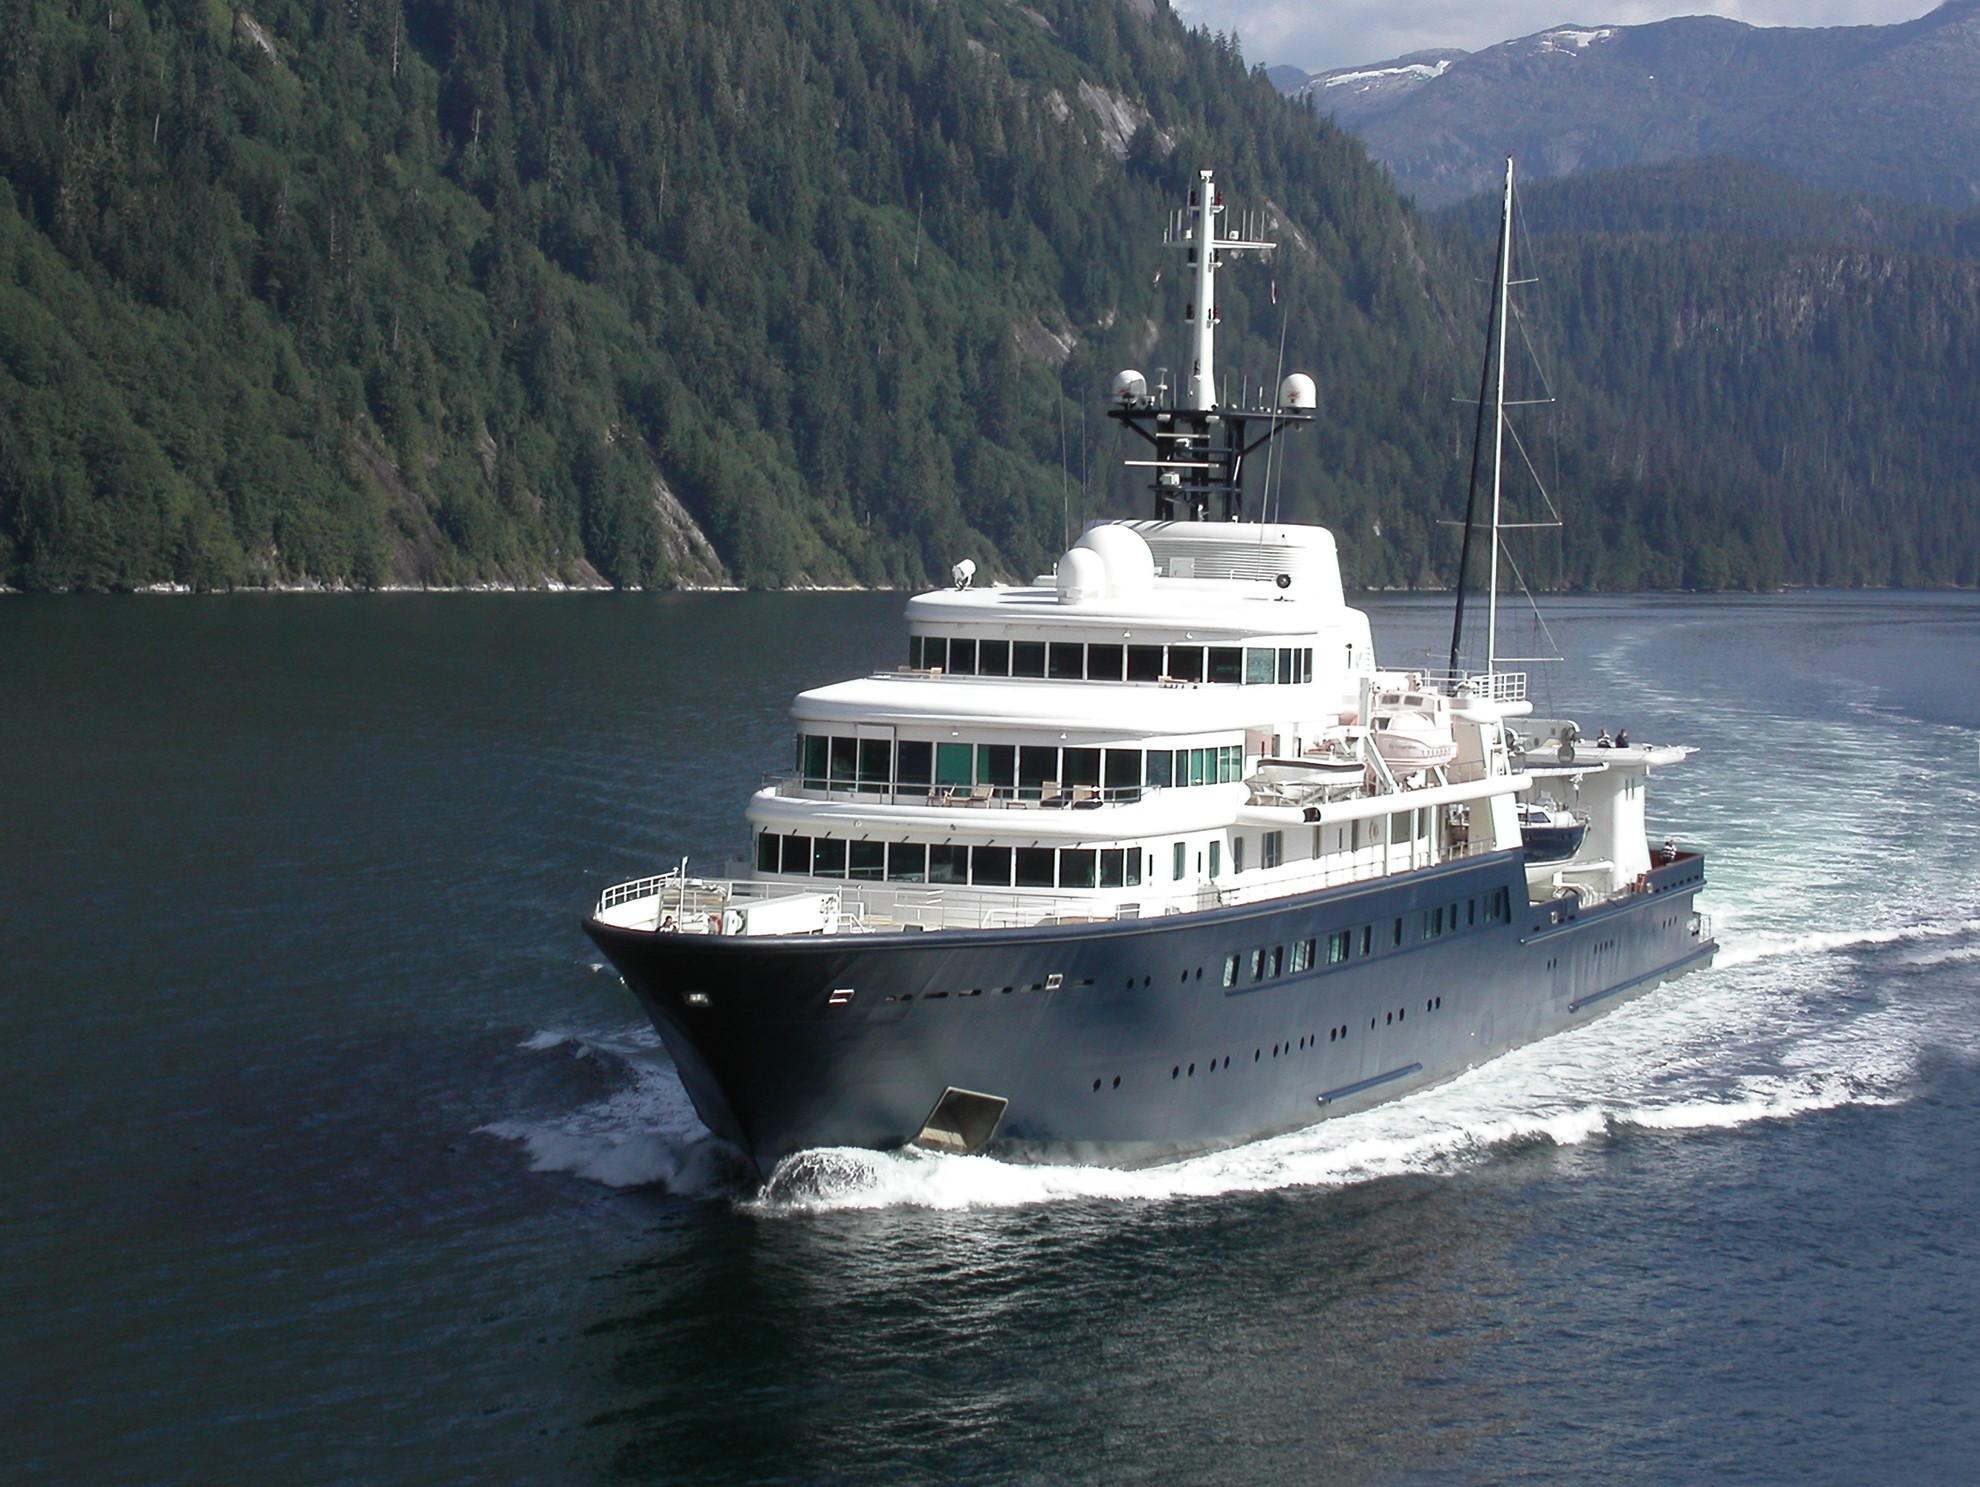 Yacht Le Grand Bleu Bremer Vulkan Charterworld Luxury Superyacht Charters